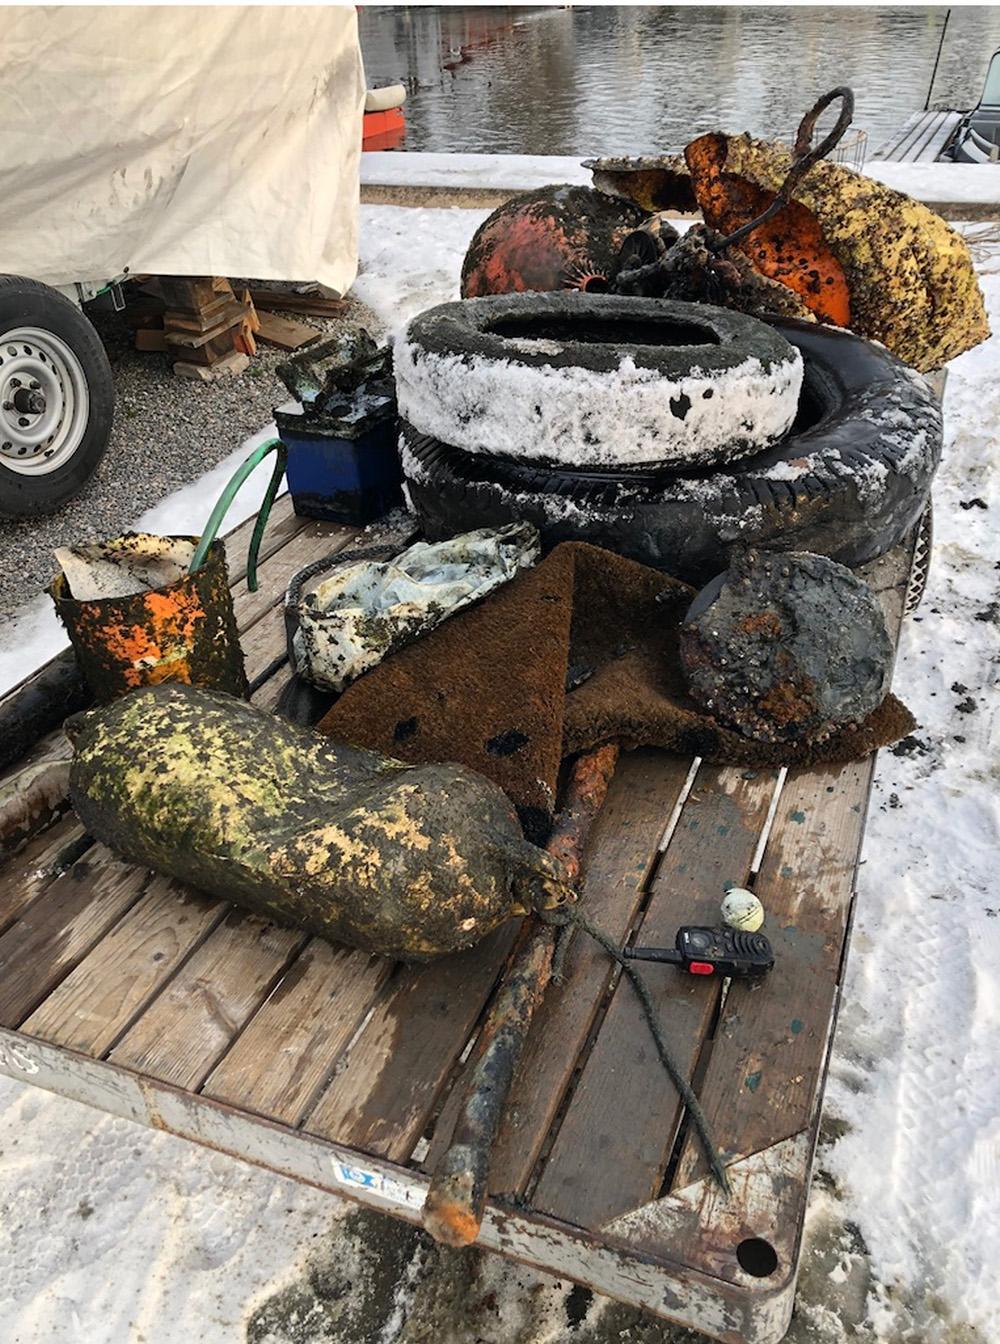 En bild som visar utomhus, lagar mat, grillning, sten  Automatiskt genererad beskrivning